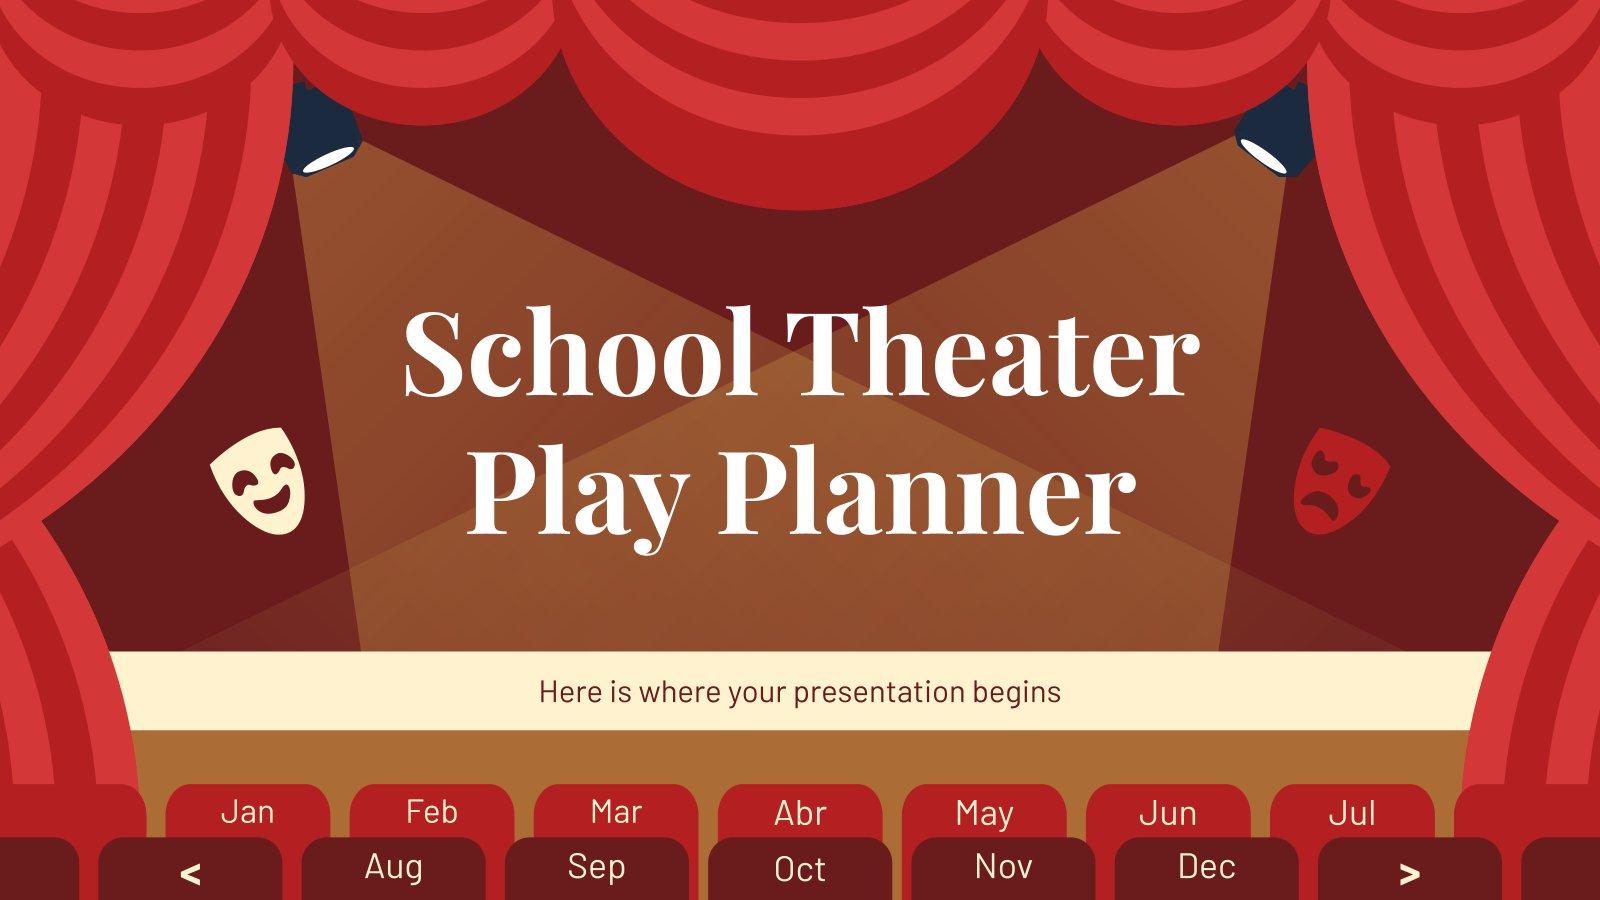 Plantilla de presentación Planificador de obras de teatro escolares